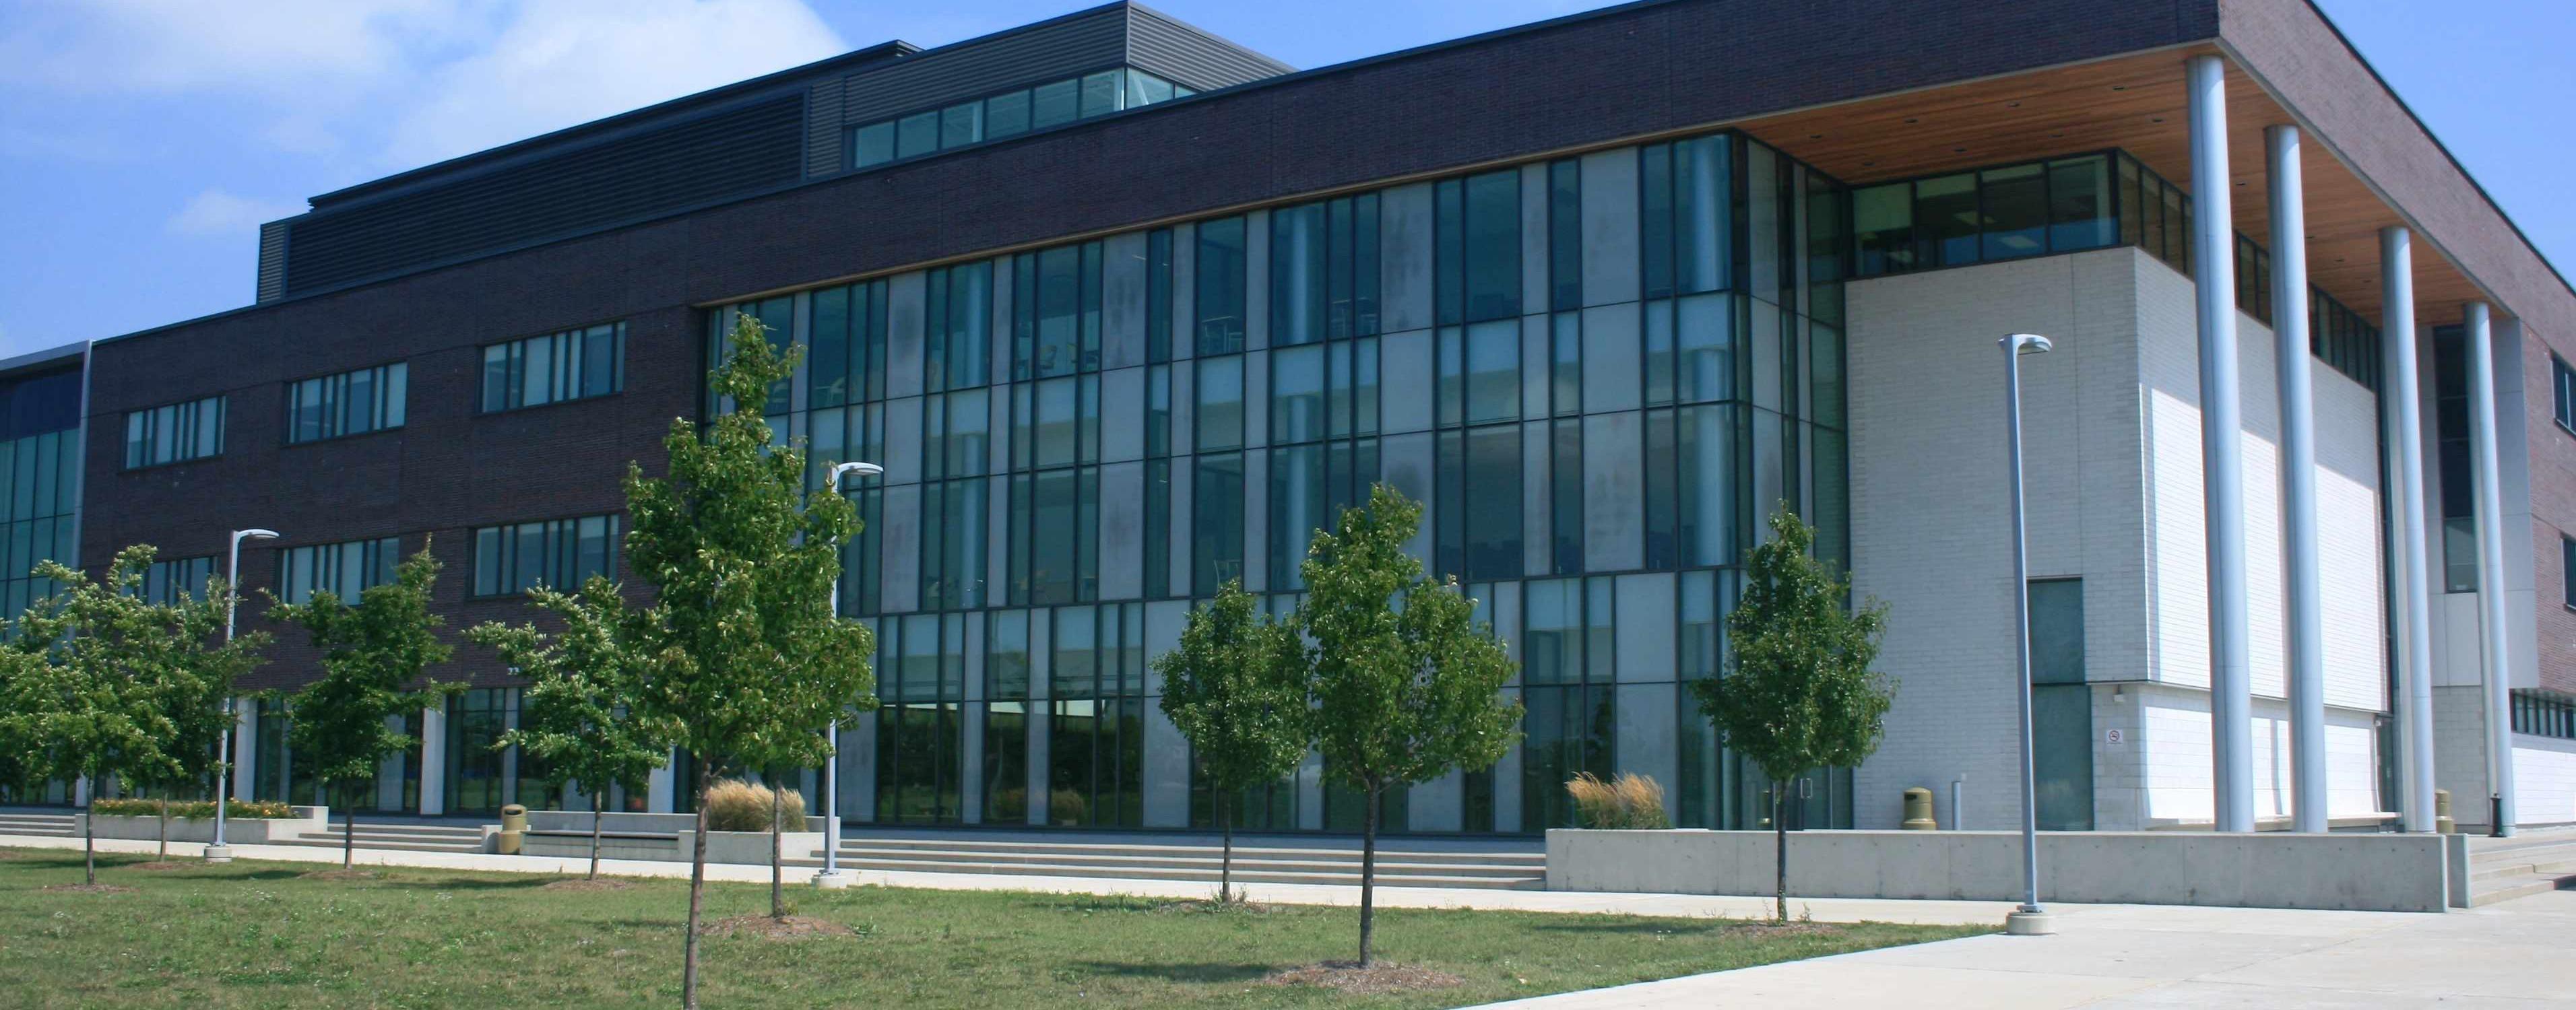 Conestoga College